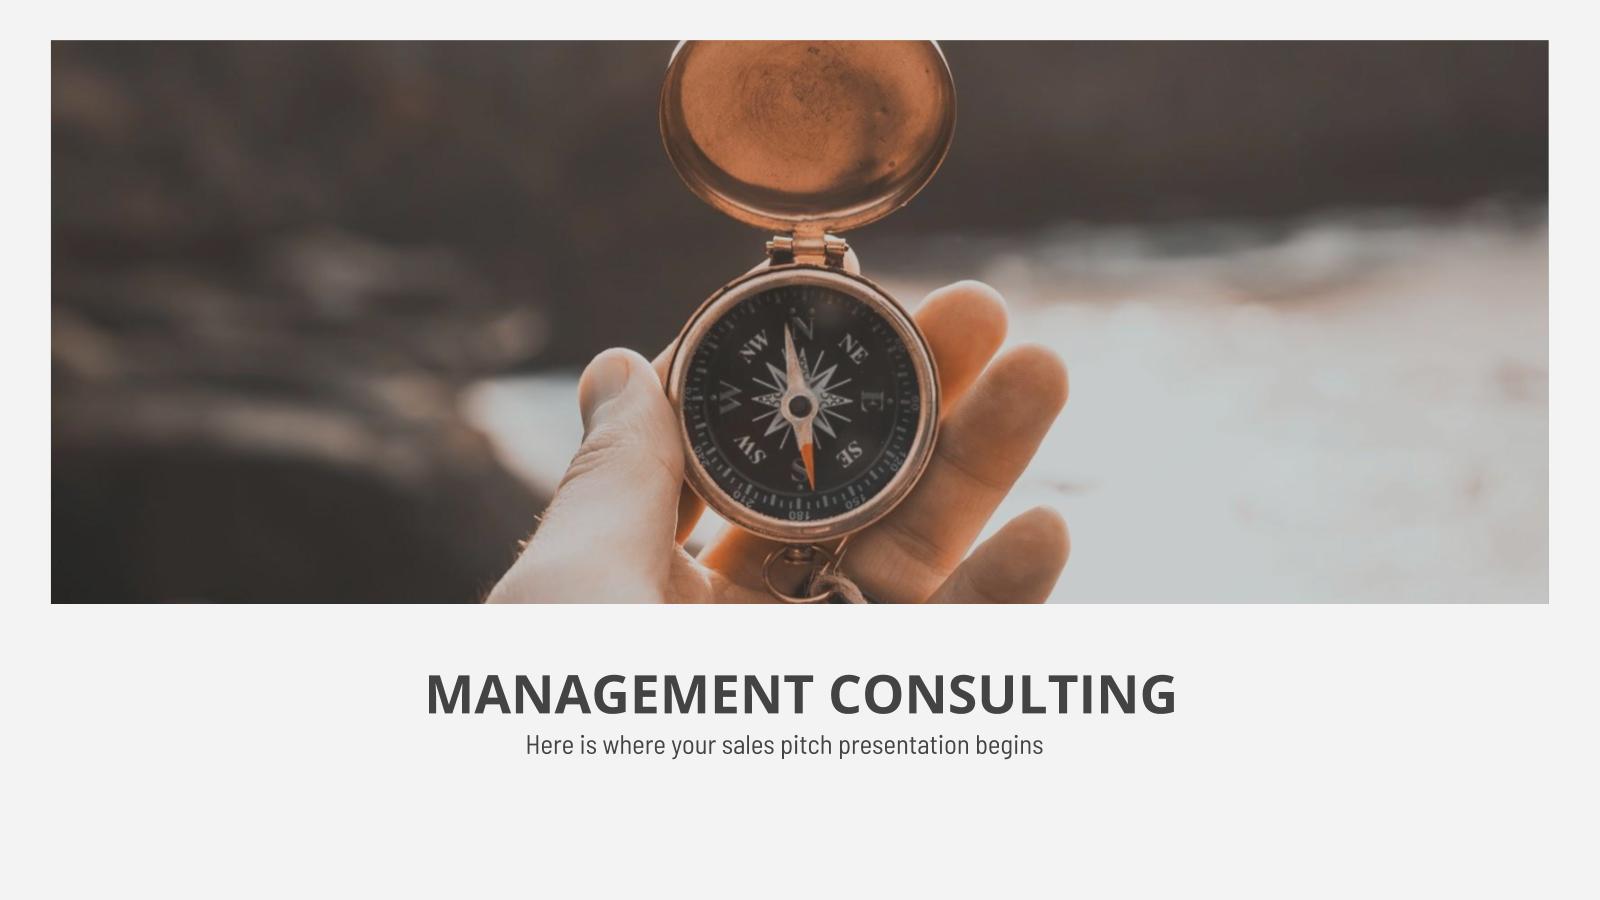 Modelo de apresentação Consultoria de gestão